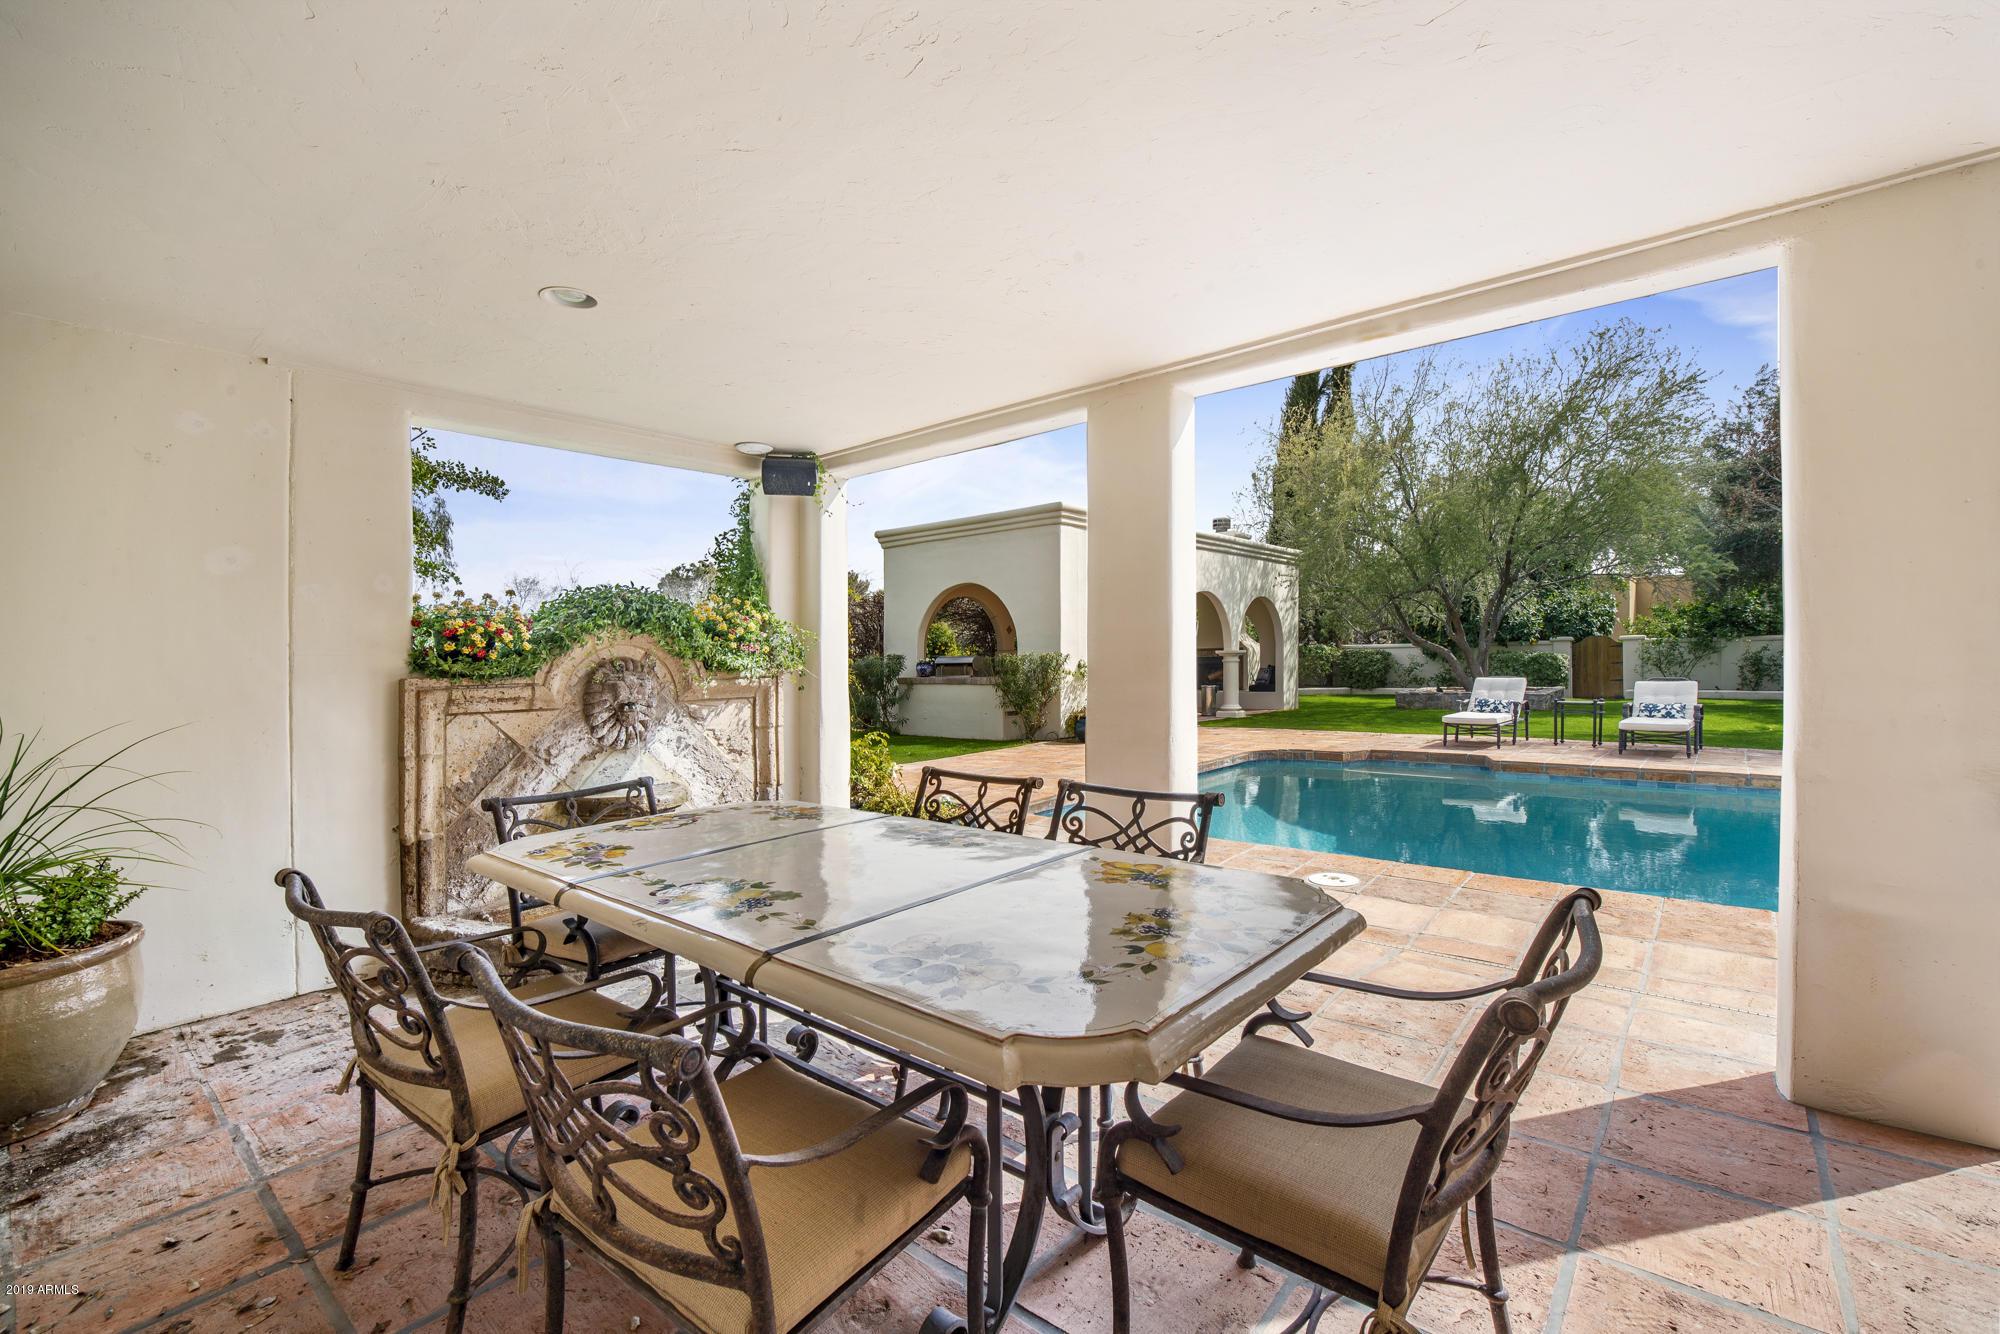 MLS 5895013 8231 N 74TH Place, Scottsdale, AZ 85258 Scottsdale AZ Private Pool